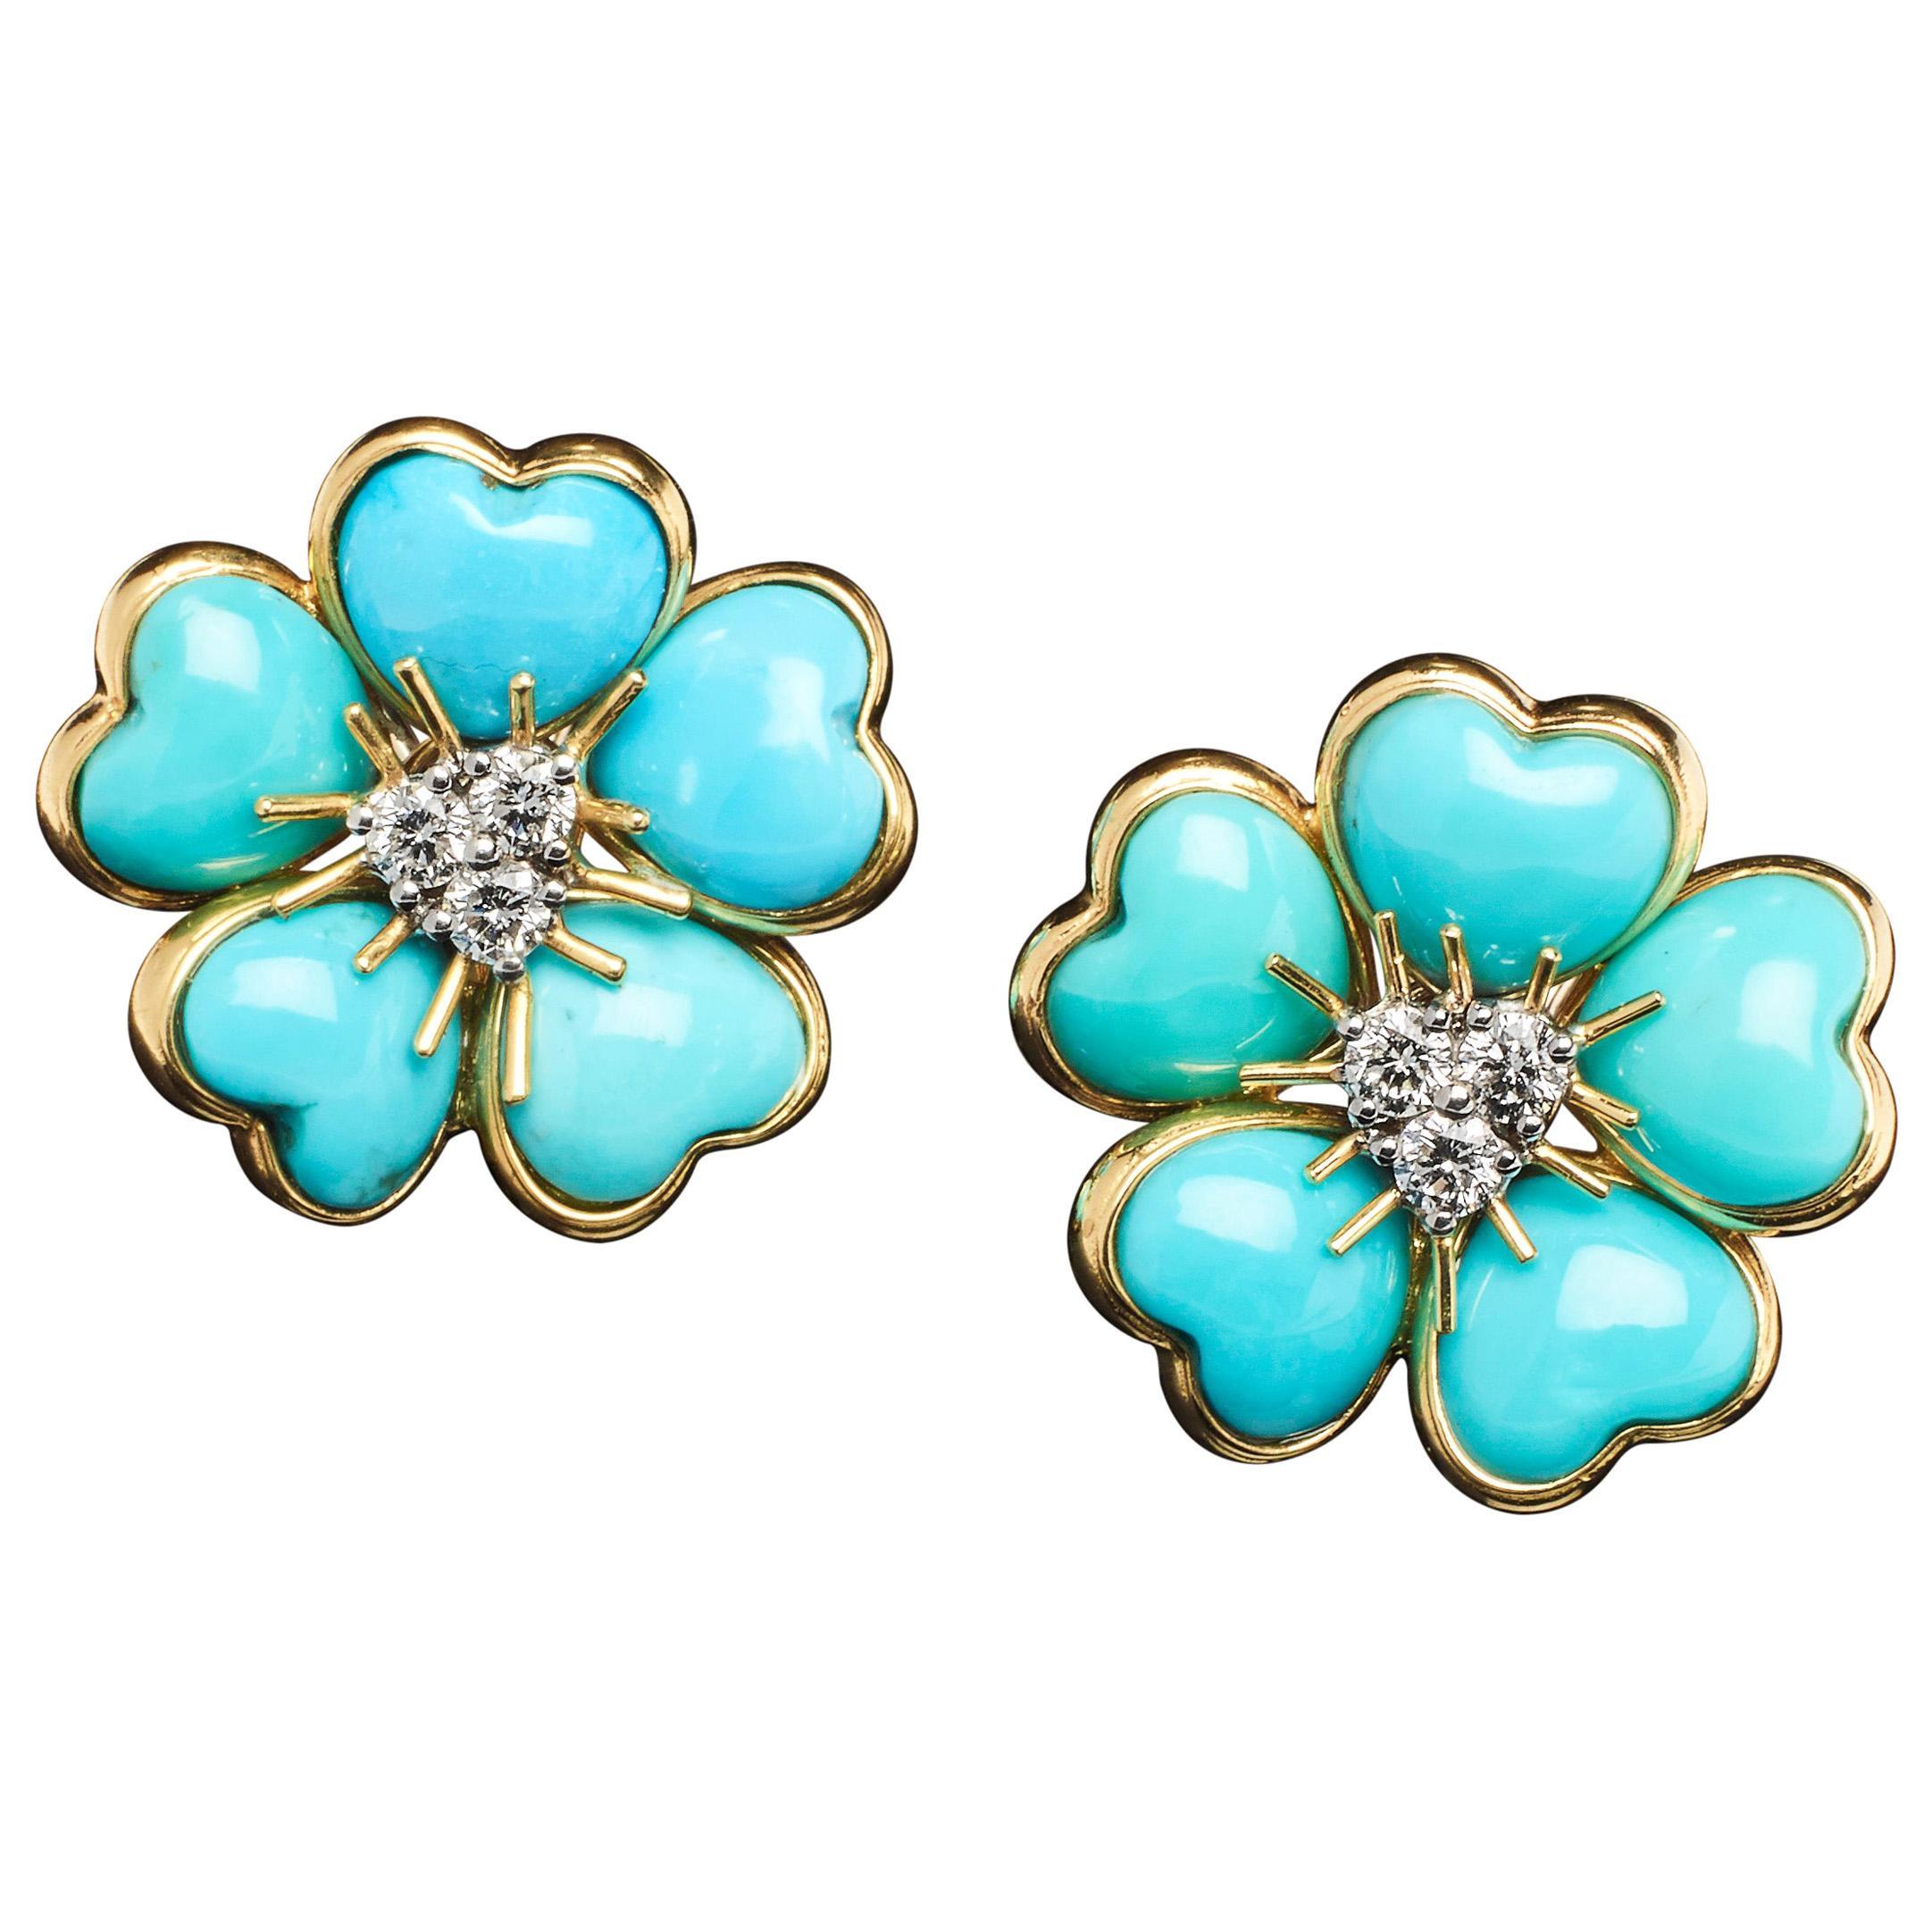 Veschetti 18 Karat Yellow Gold Turquoise Diamond Earrings